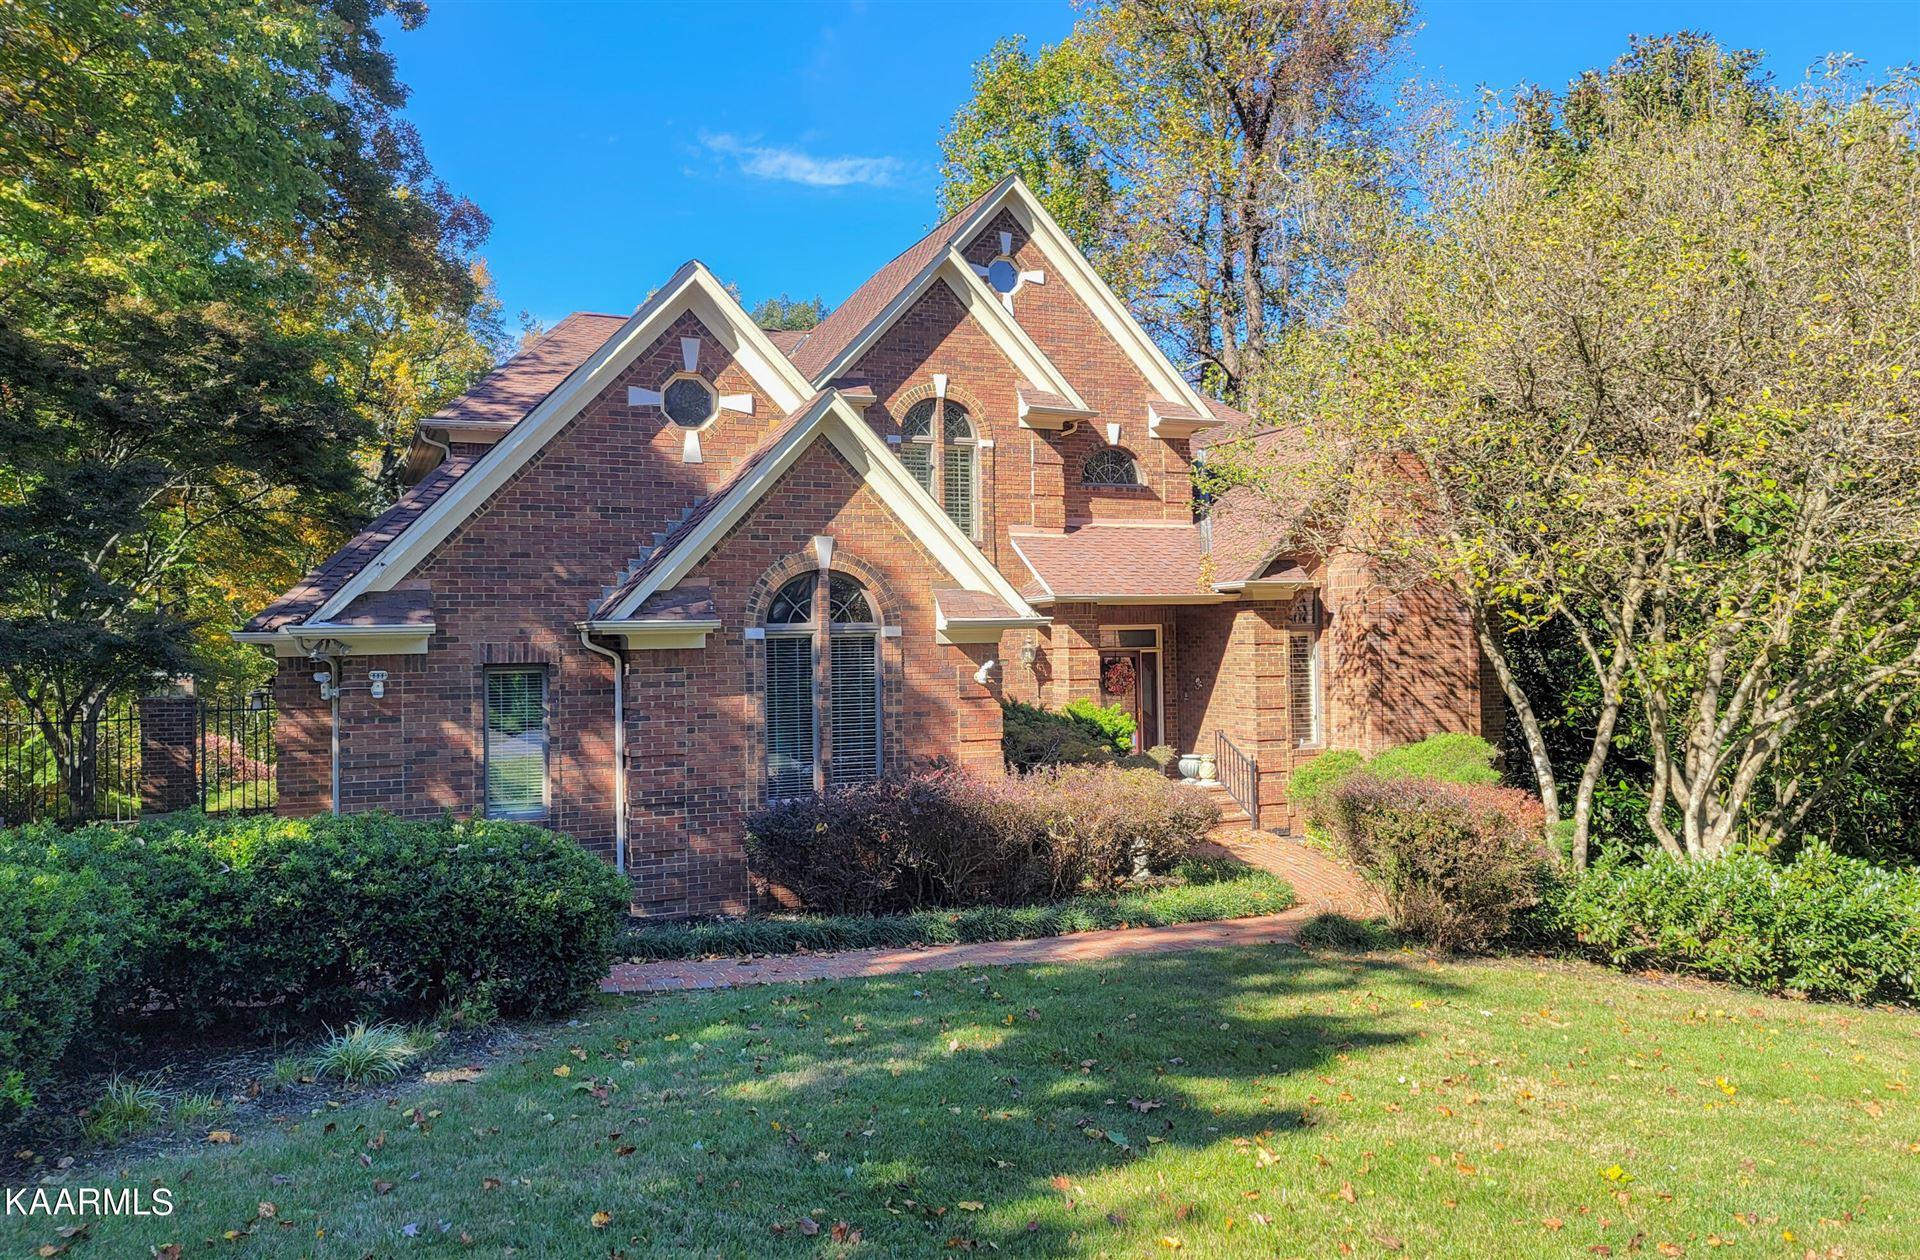 Photo of 180 Whippoorwill Drive, Oak Ridge, TN 37830 (MLS # 1171473)